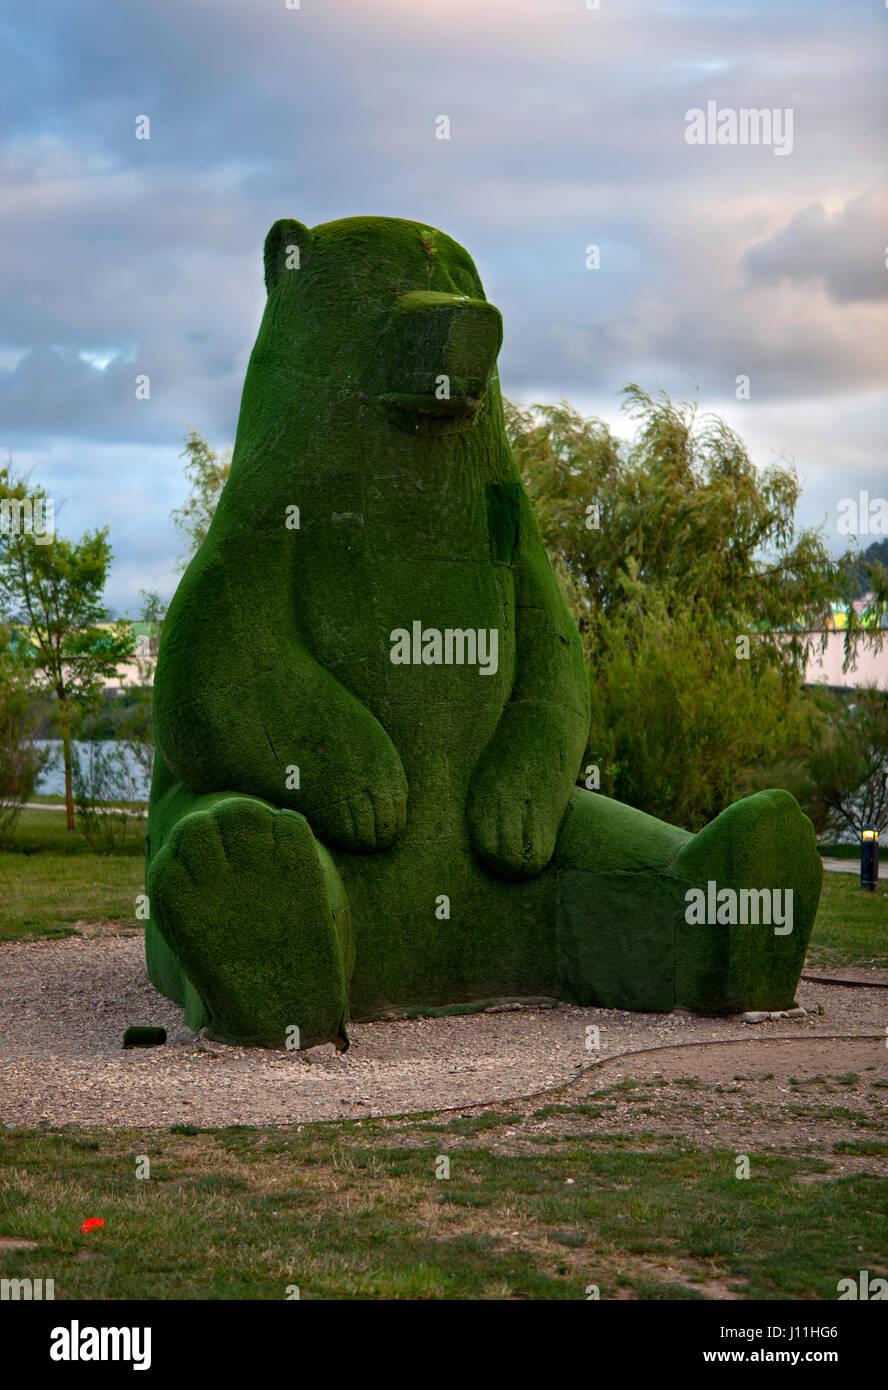 """""""Bären von Coimbra"""": eine Landschaft Design Figur eines Bären am Stadtpark Coimbra Stockbild"""